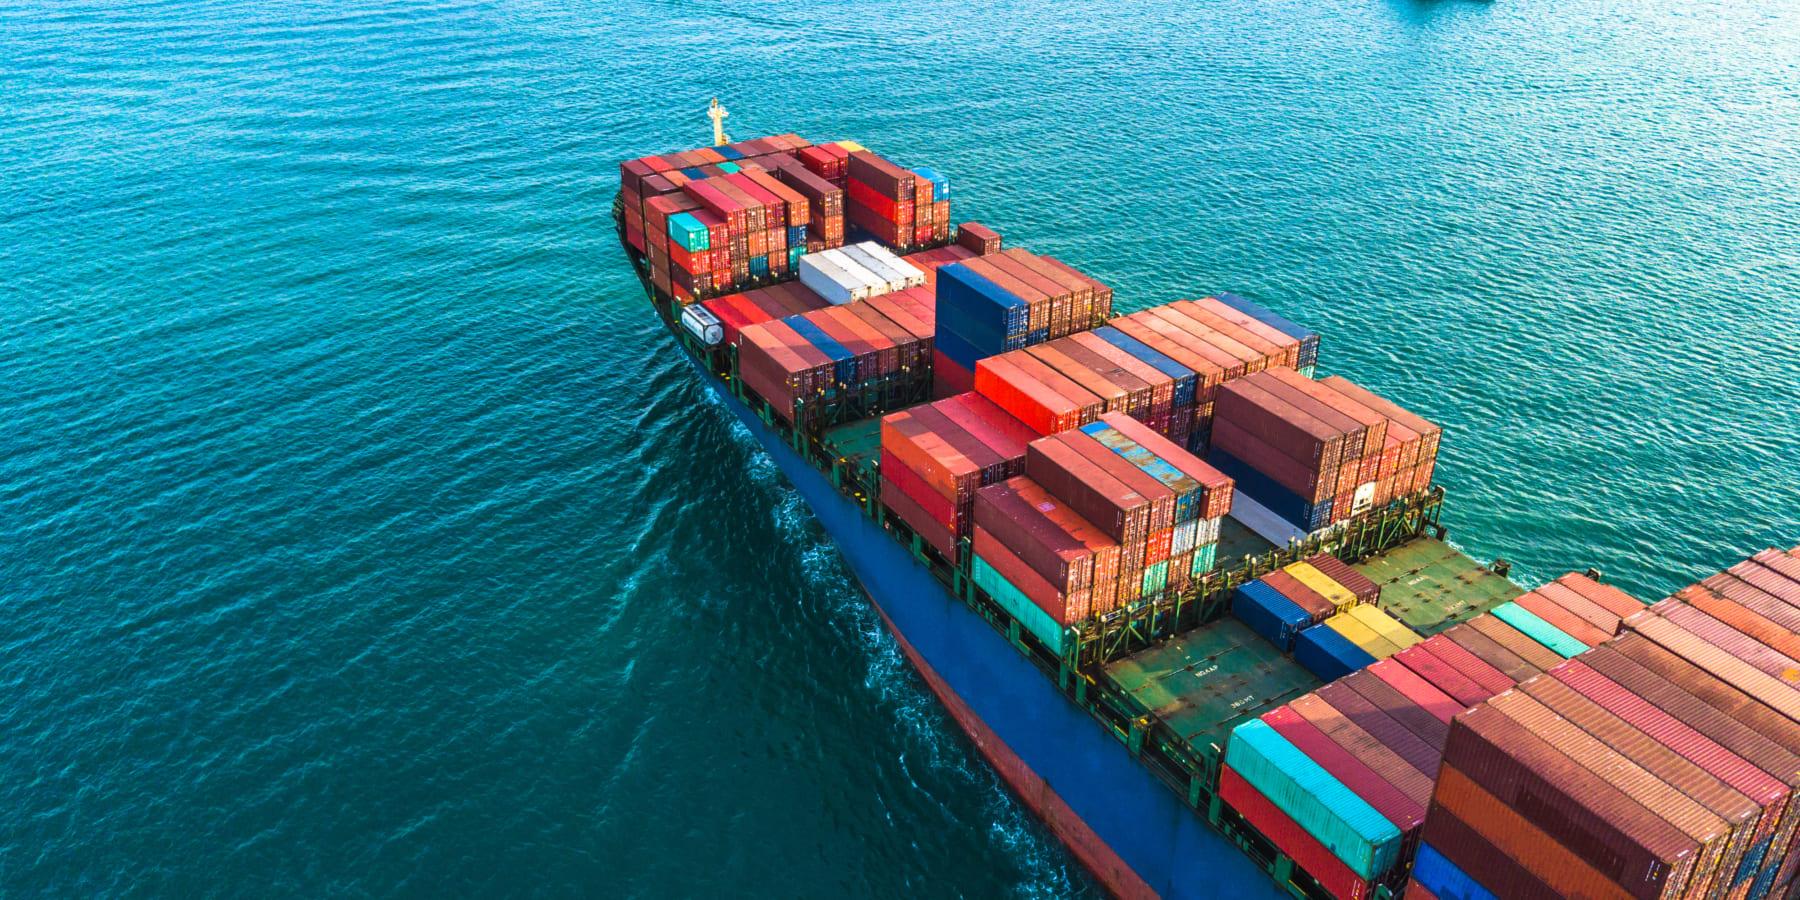 海運業の脱炭素化。船舶からのCO2排出量を削減する「空気のカーペット」